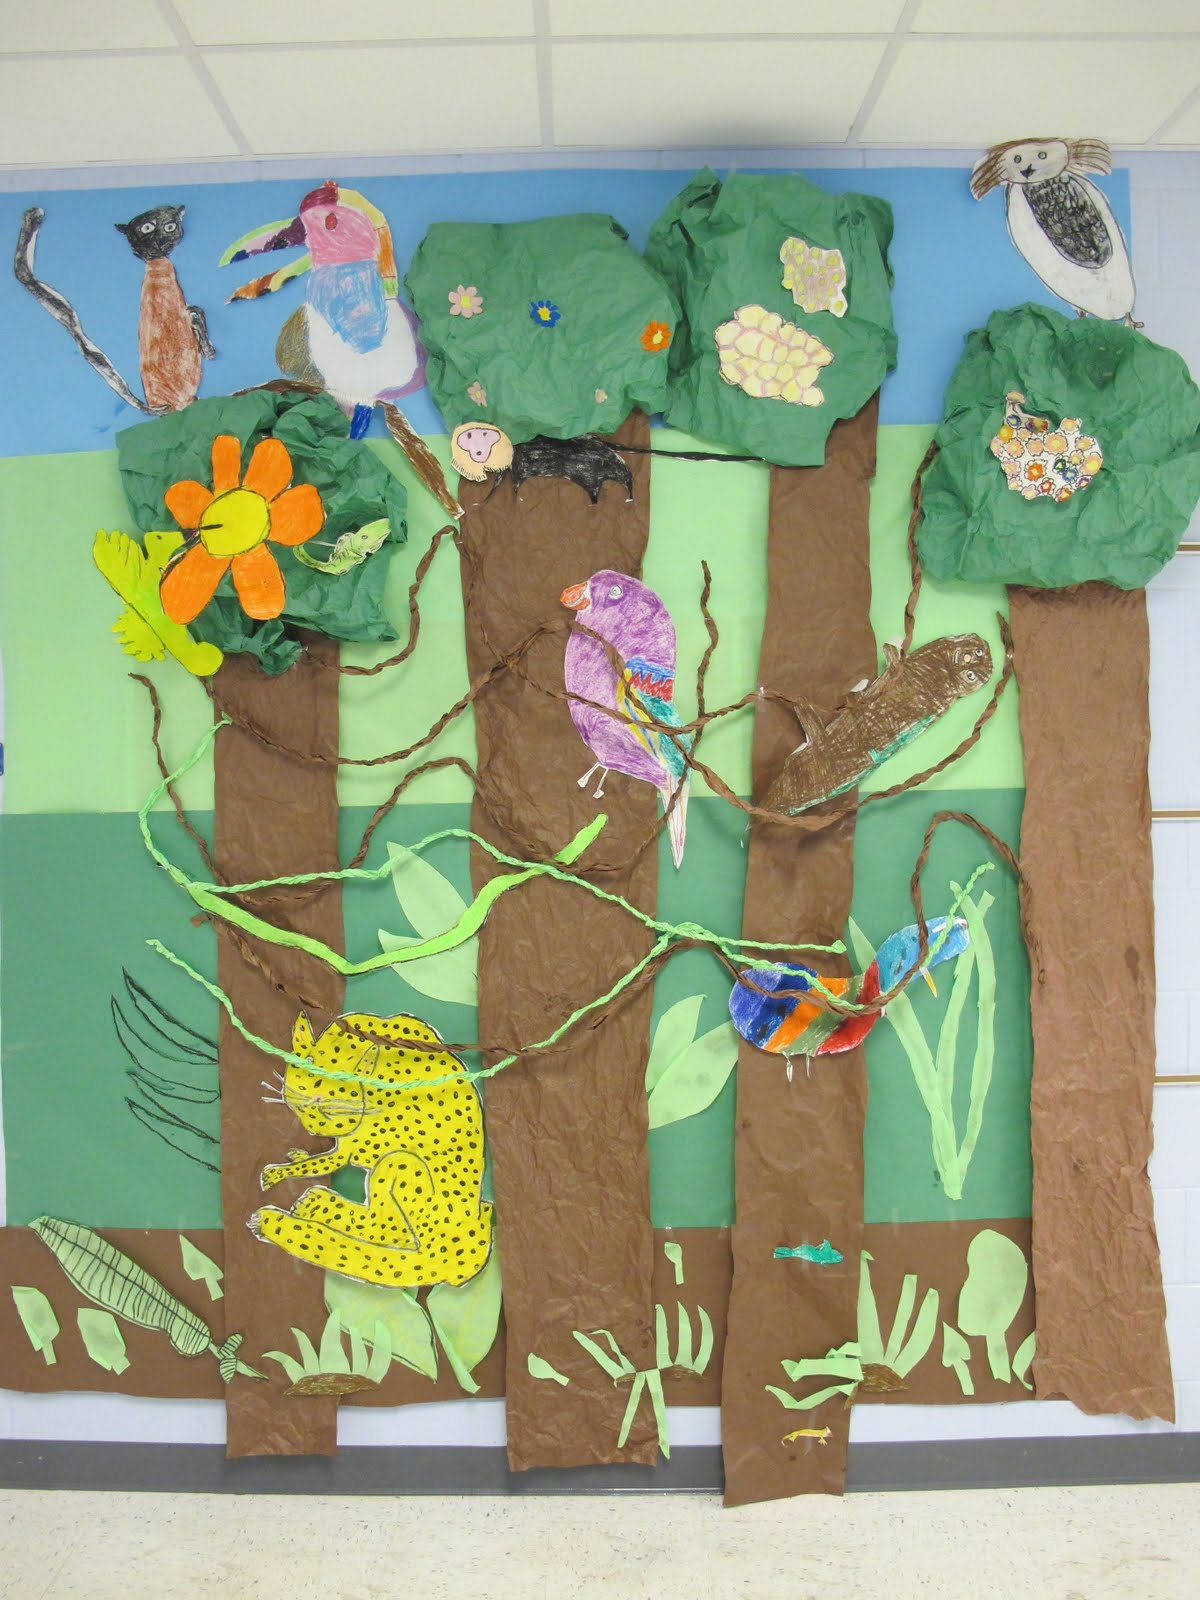 The Tillis Tribune Rainforest Layers